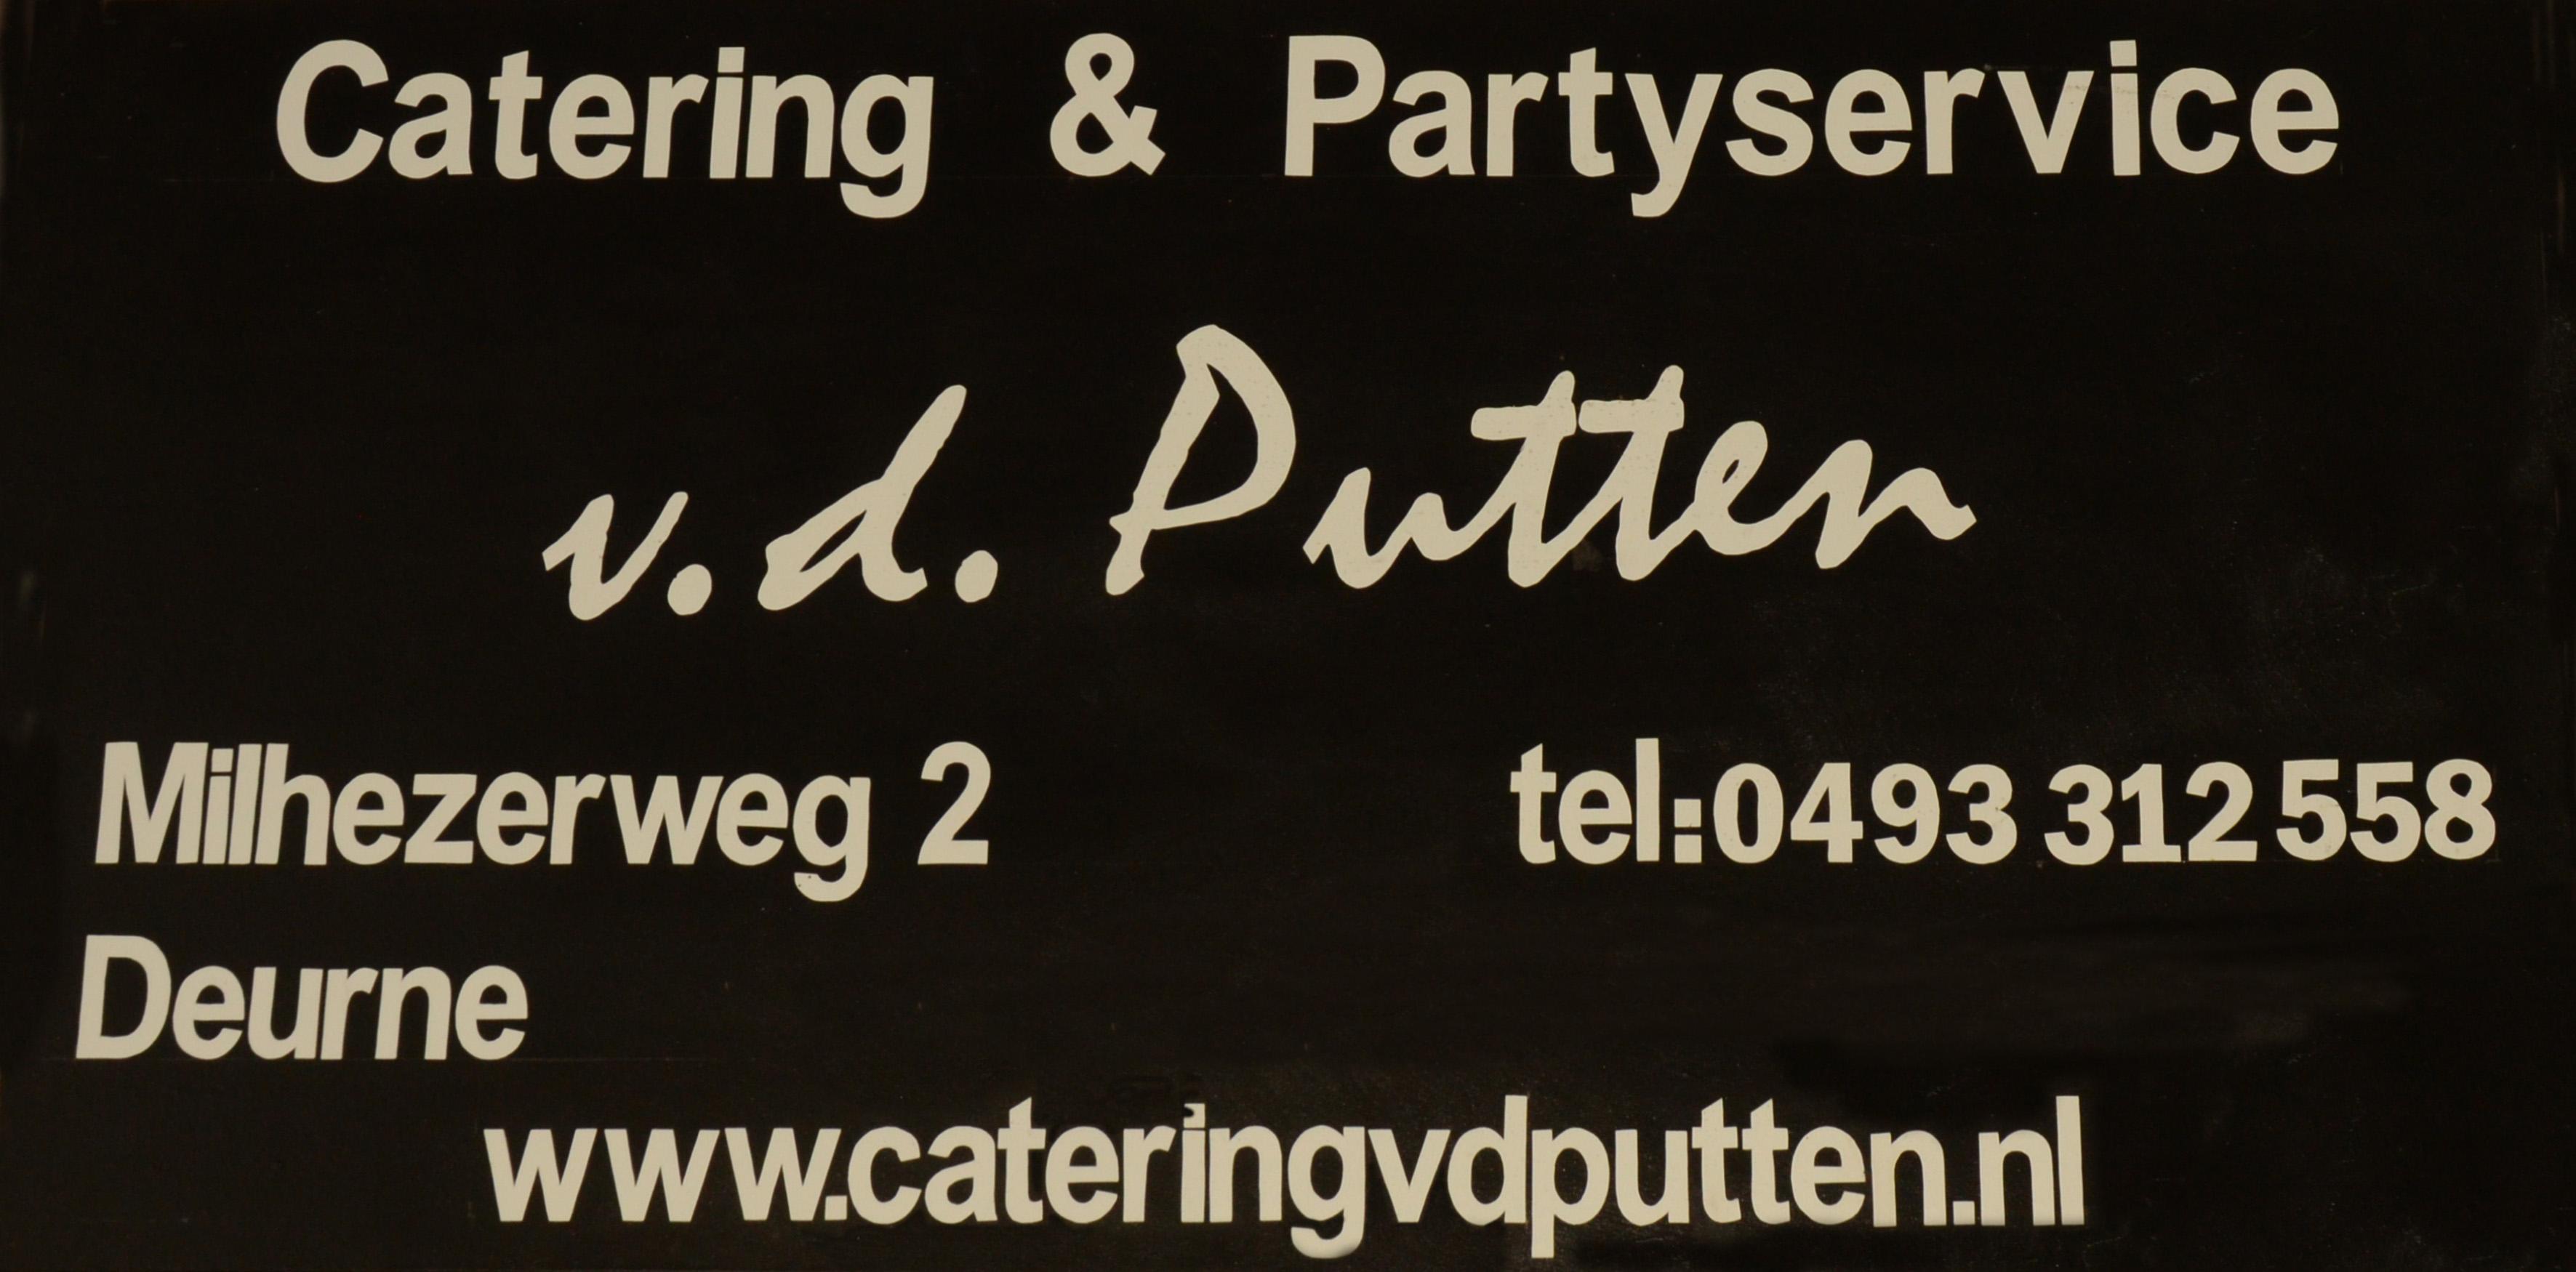 vd Putten_1